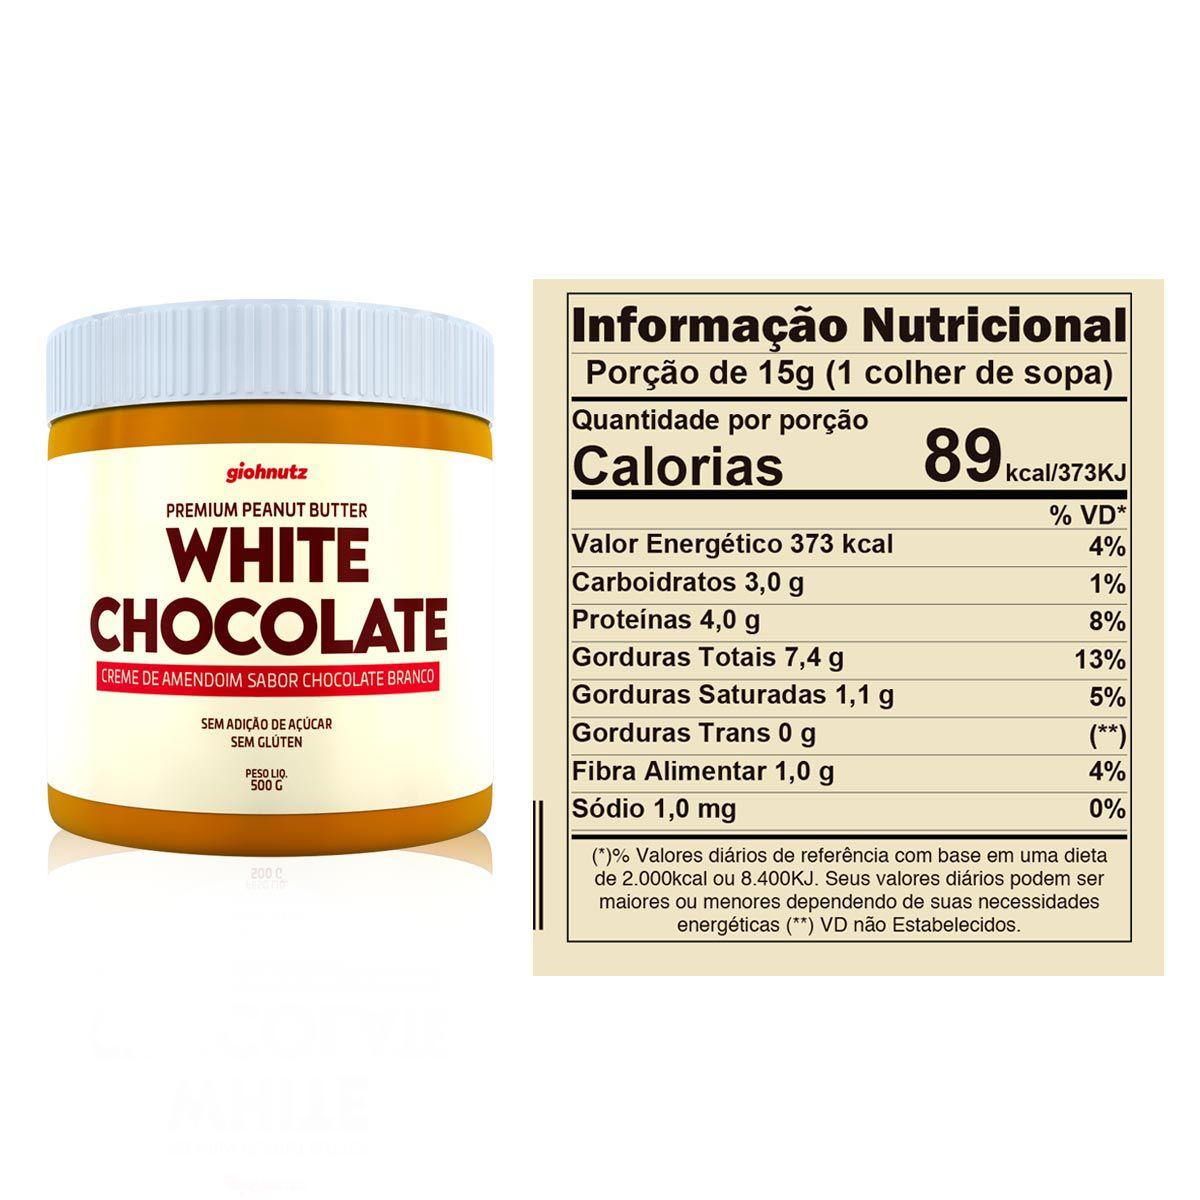 Pasta de Amendoim White Chocolate 500g - Giohnutz